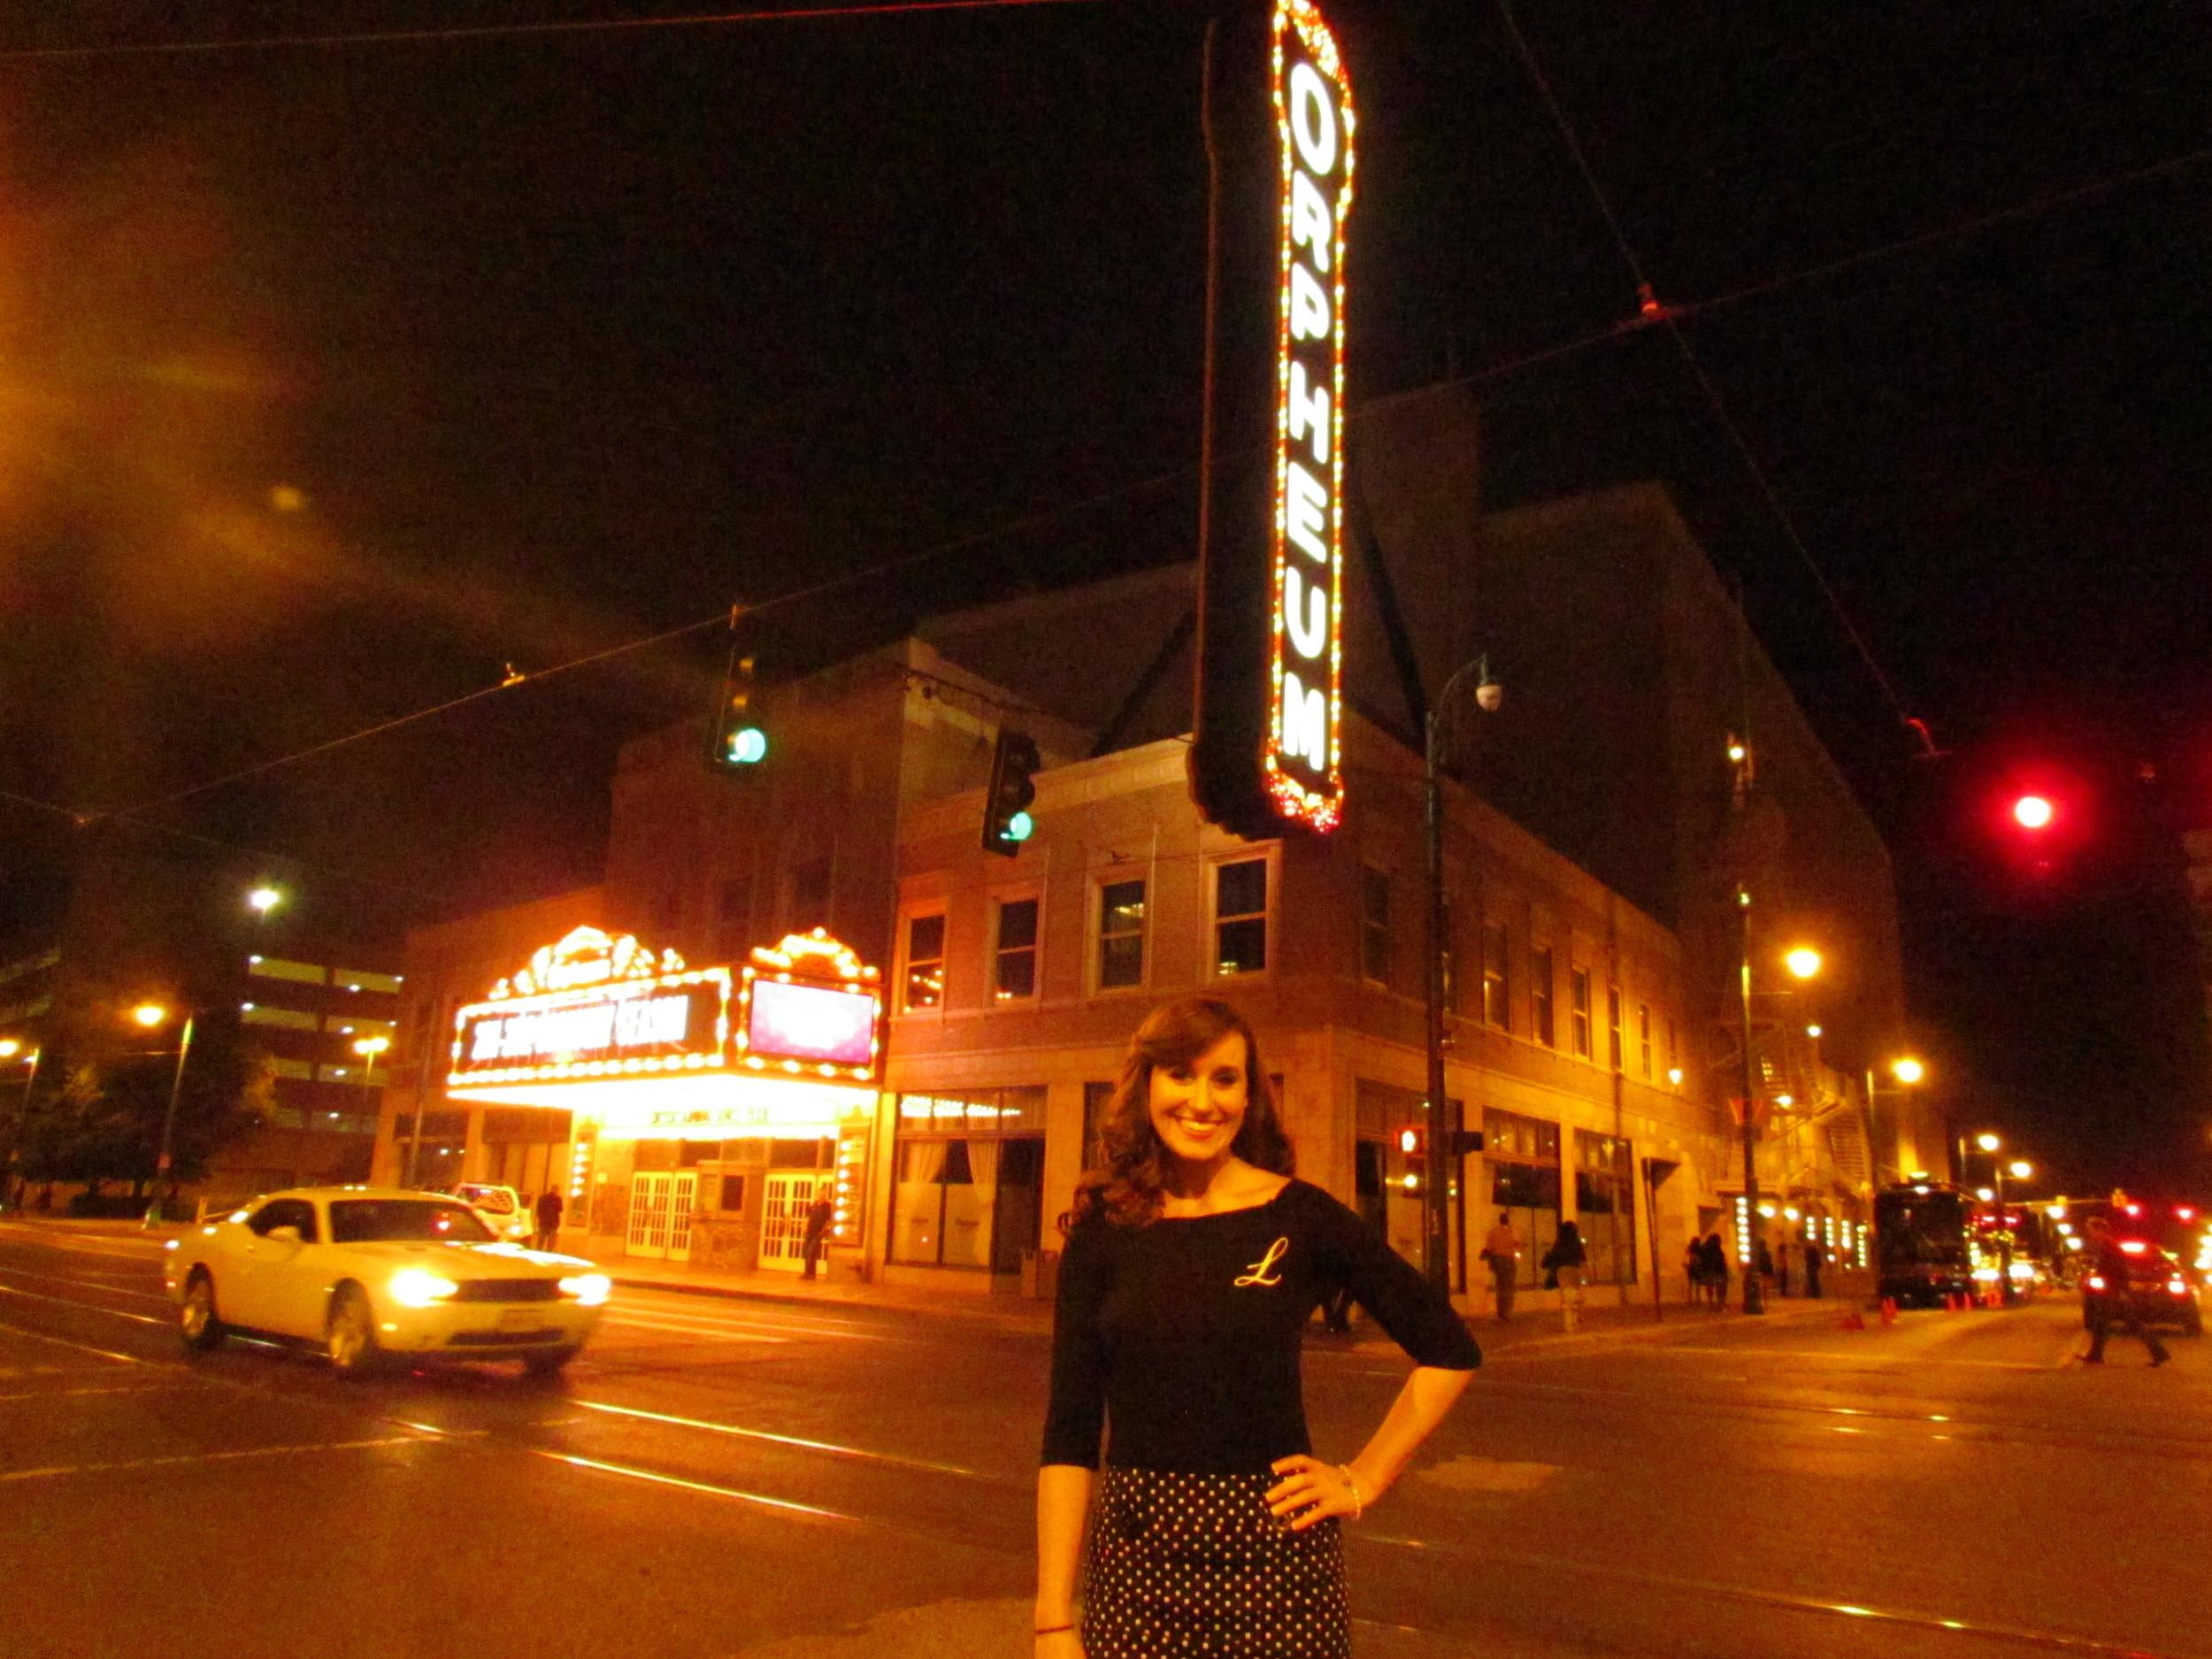 At the Orpheum Theatre in Memphis, TN.